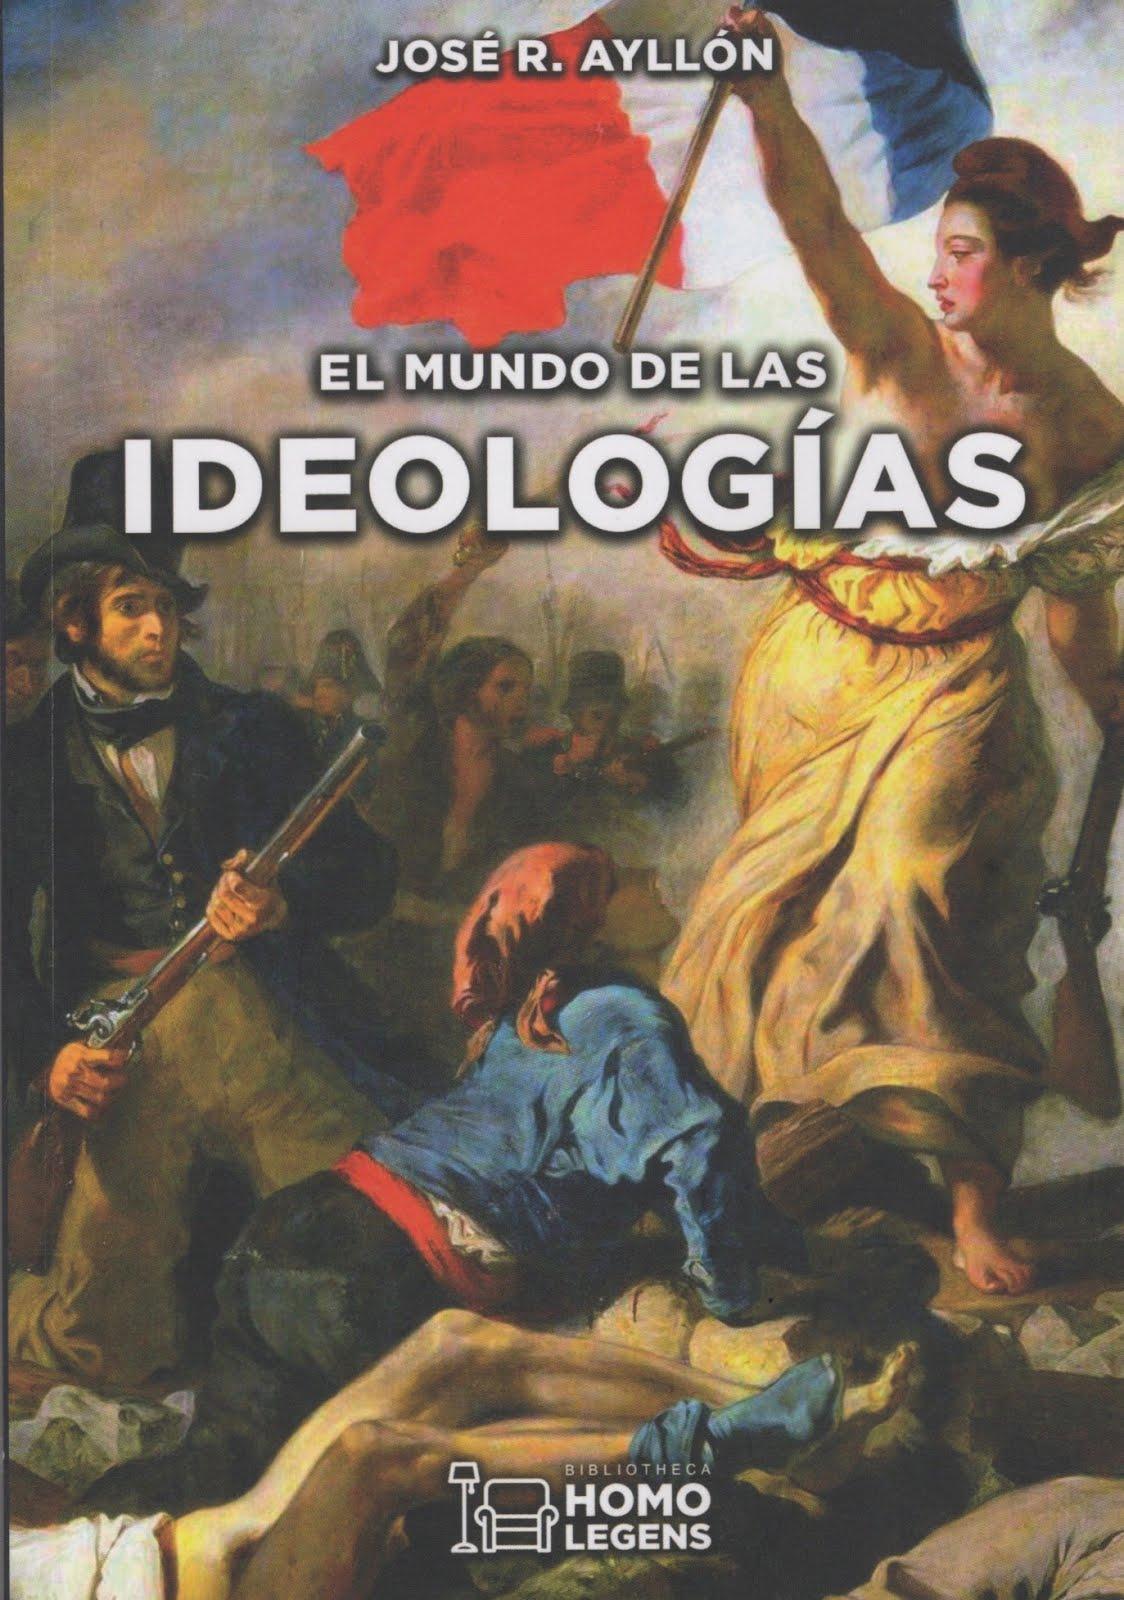 José Ramón Ayllón (El mundo de las ideologías)